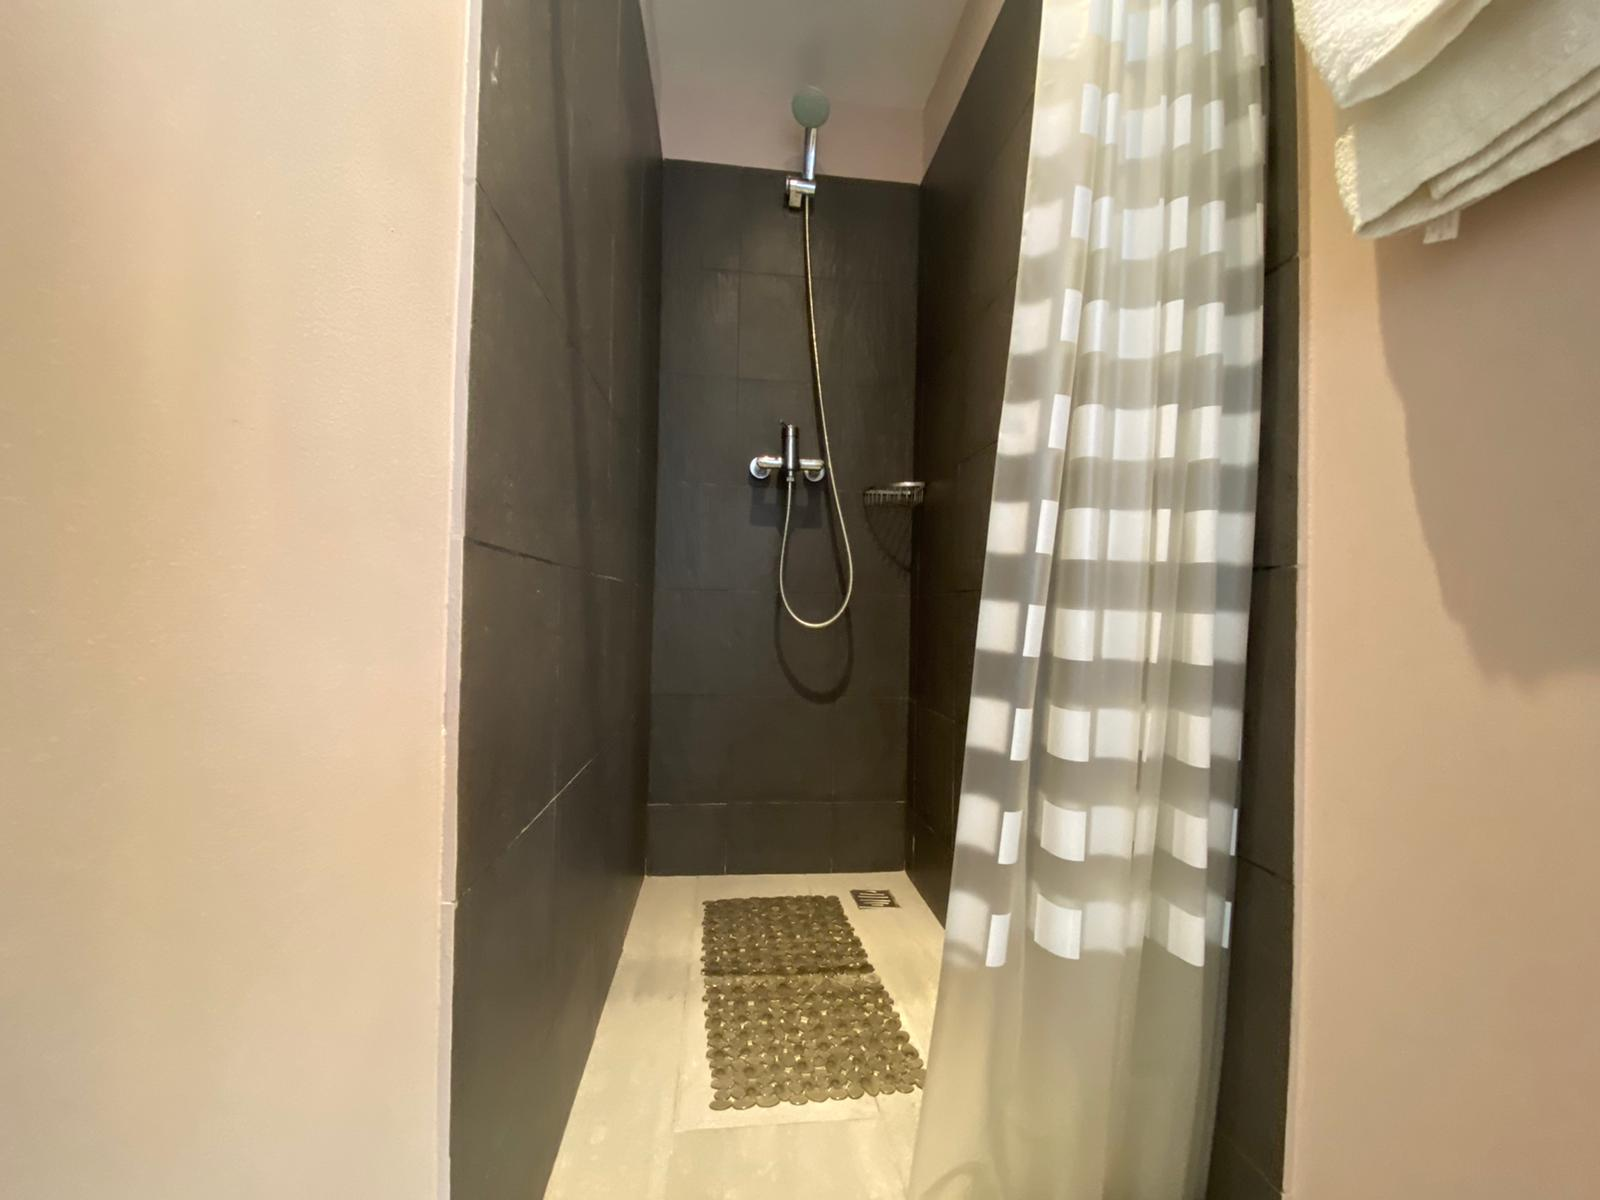 Imagen 25 del Apartamento Turístico, Ático 1 Poniente (3d+2b), Punta del Moral (HUELVA), Paseo de la Cruz nº22